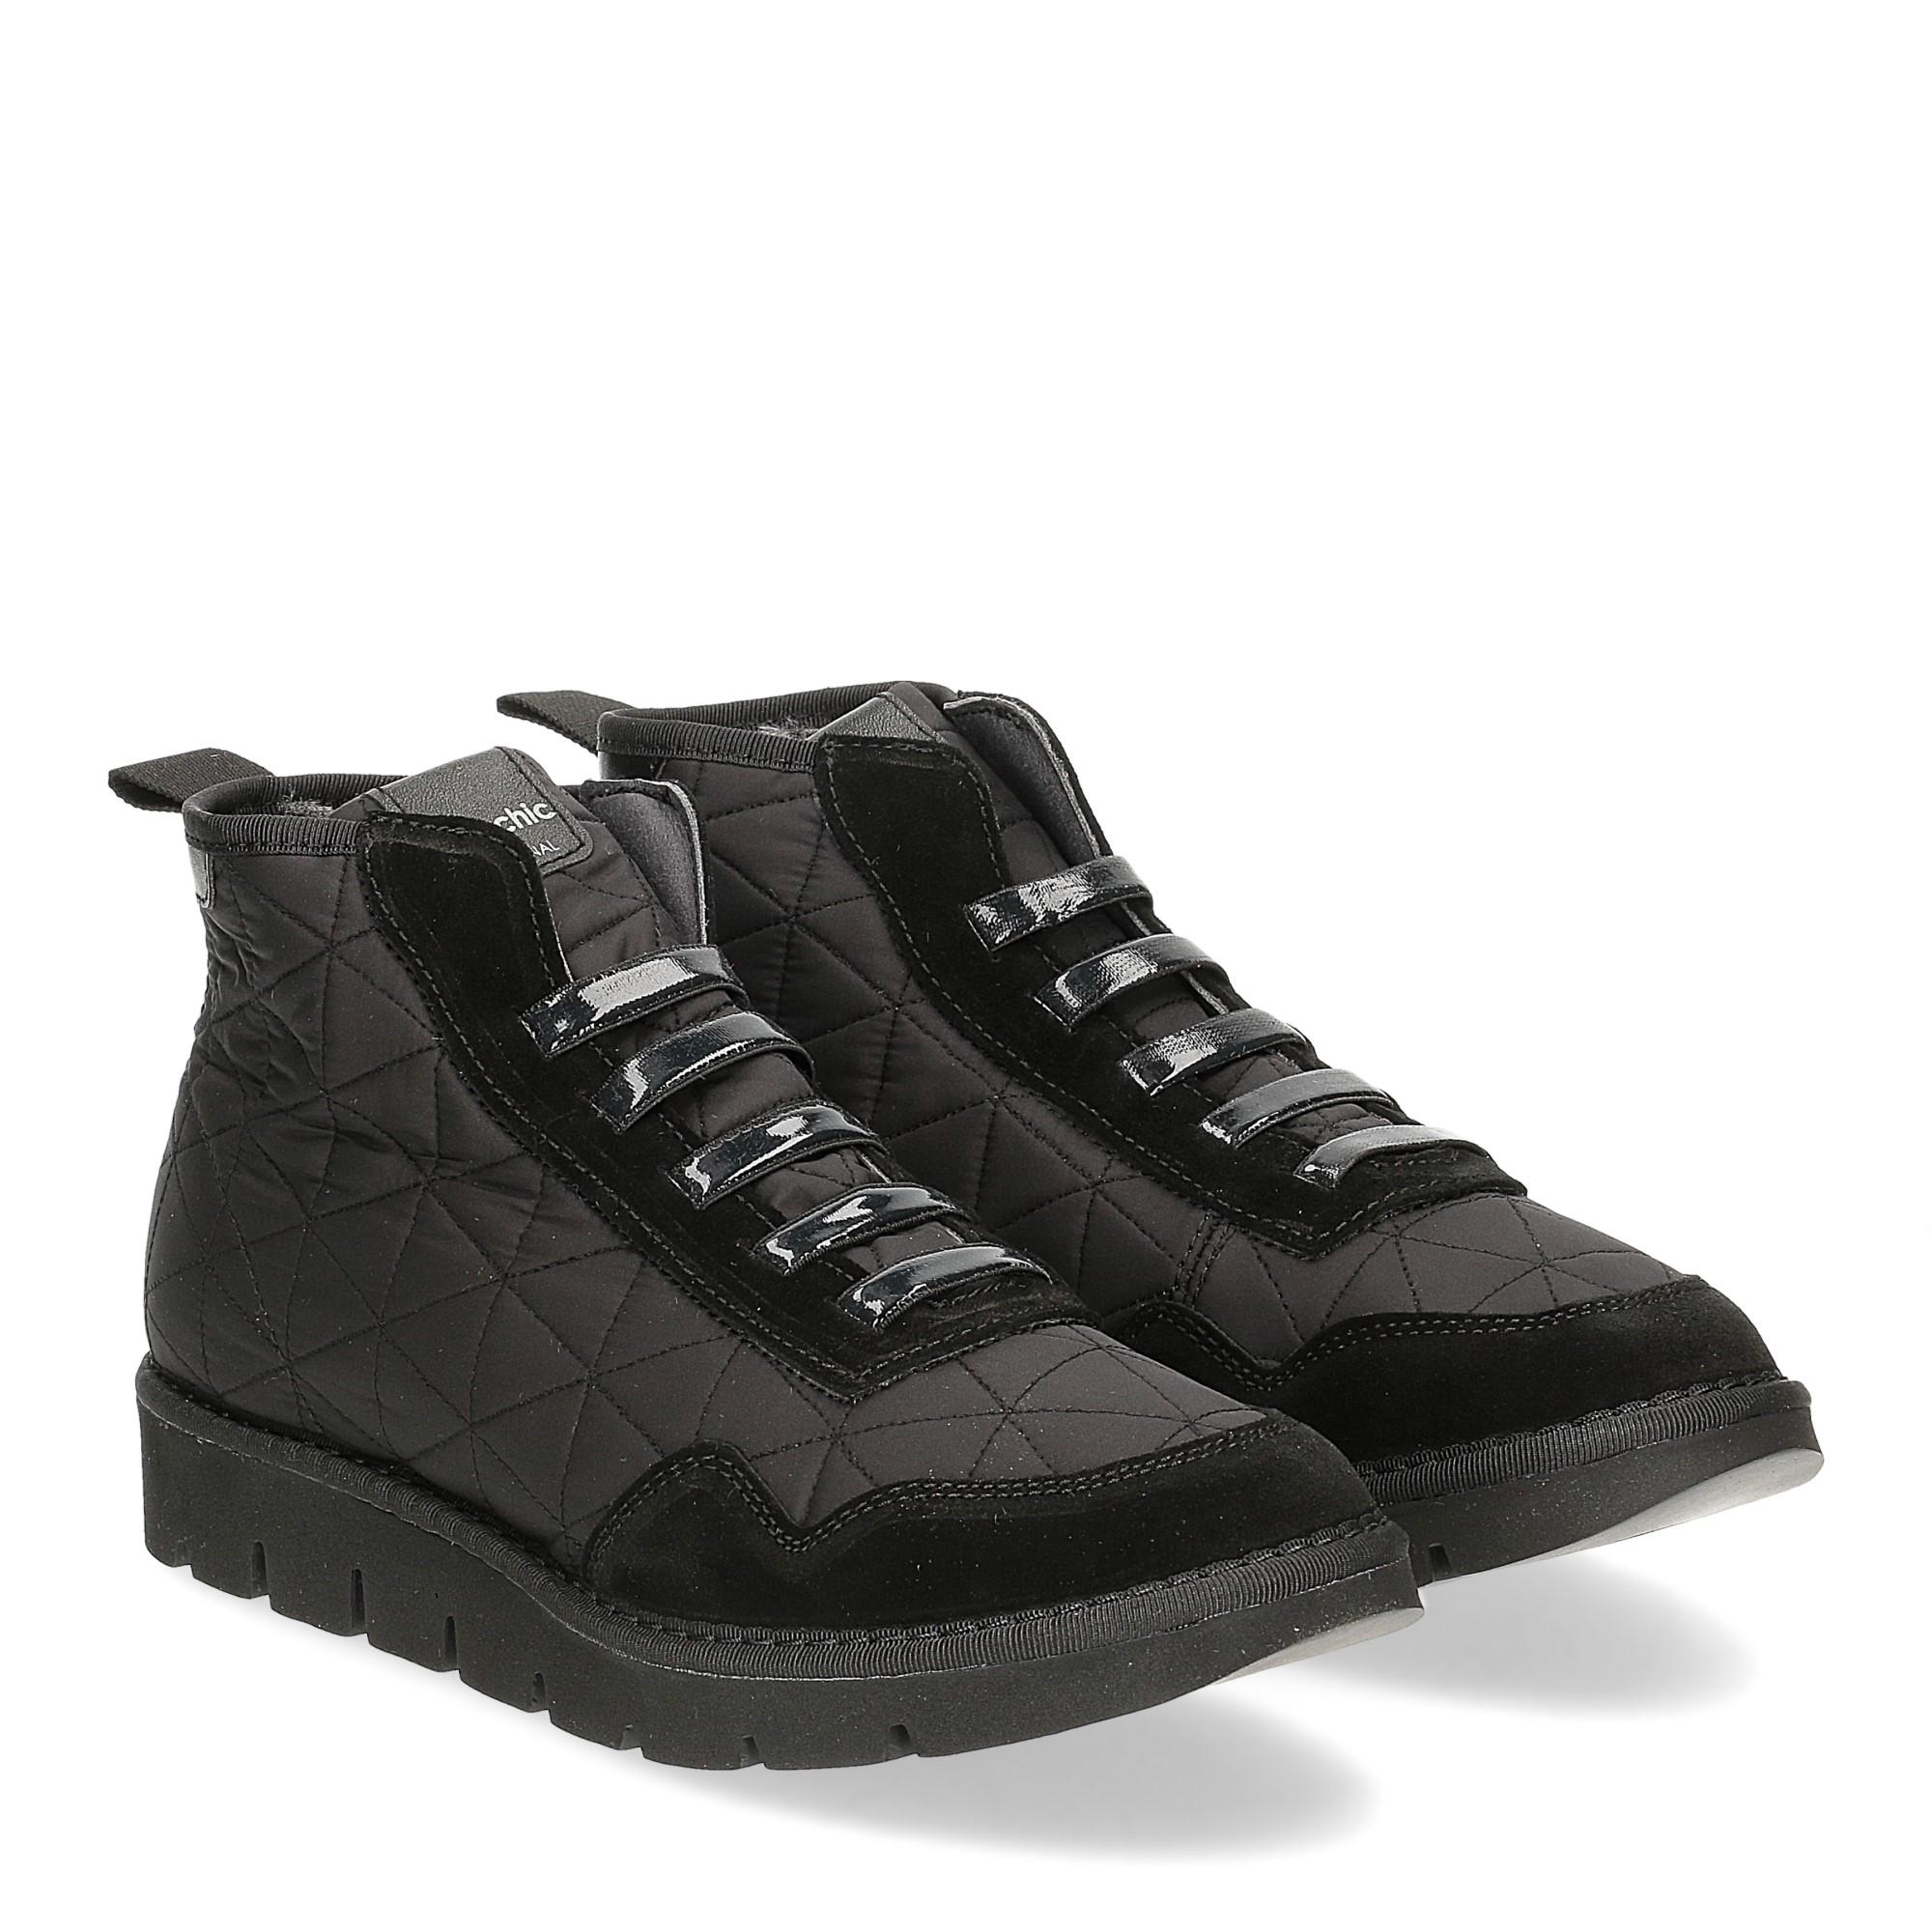 Panchic polacco sneaker P05W total black